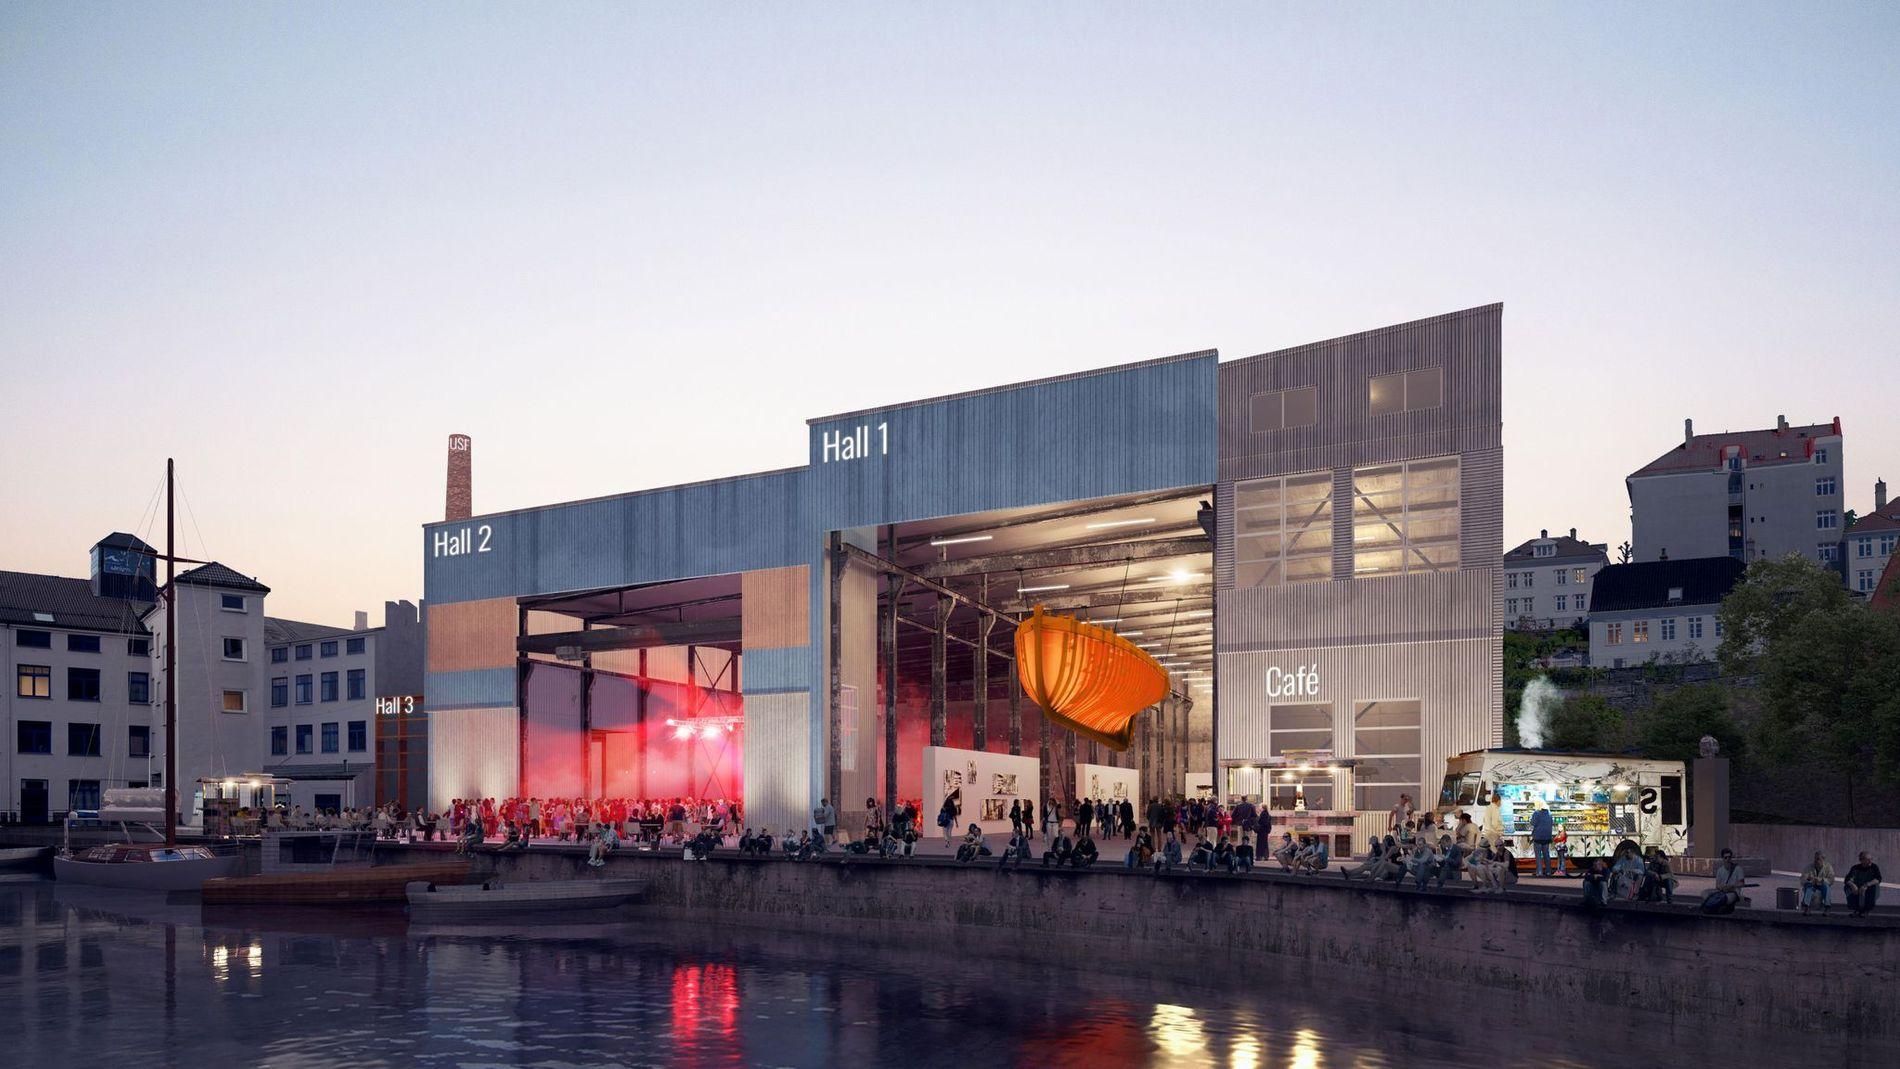 DRØMMEN: Aktørene ved Verftet USF har lenge ønsket seg et fleksibelt musikkteater i nabobygget Kjødehallen. ILLUSTRASJON:  3RW ARKITEKTER